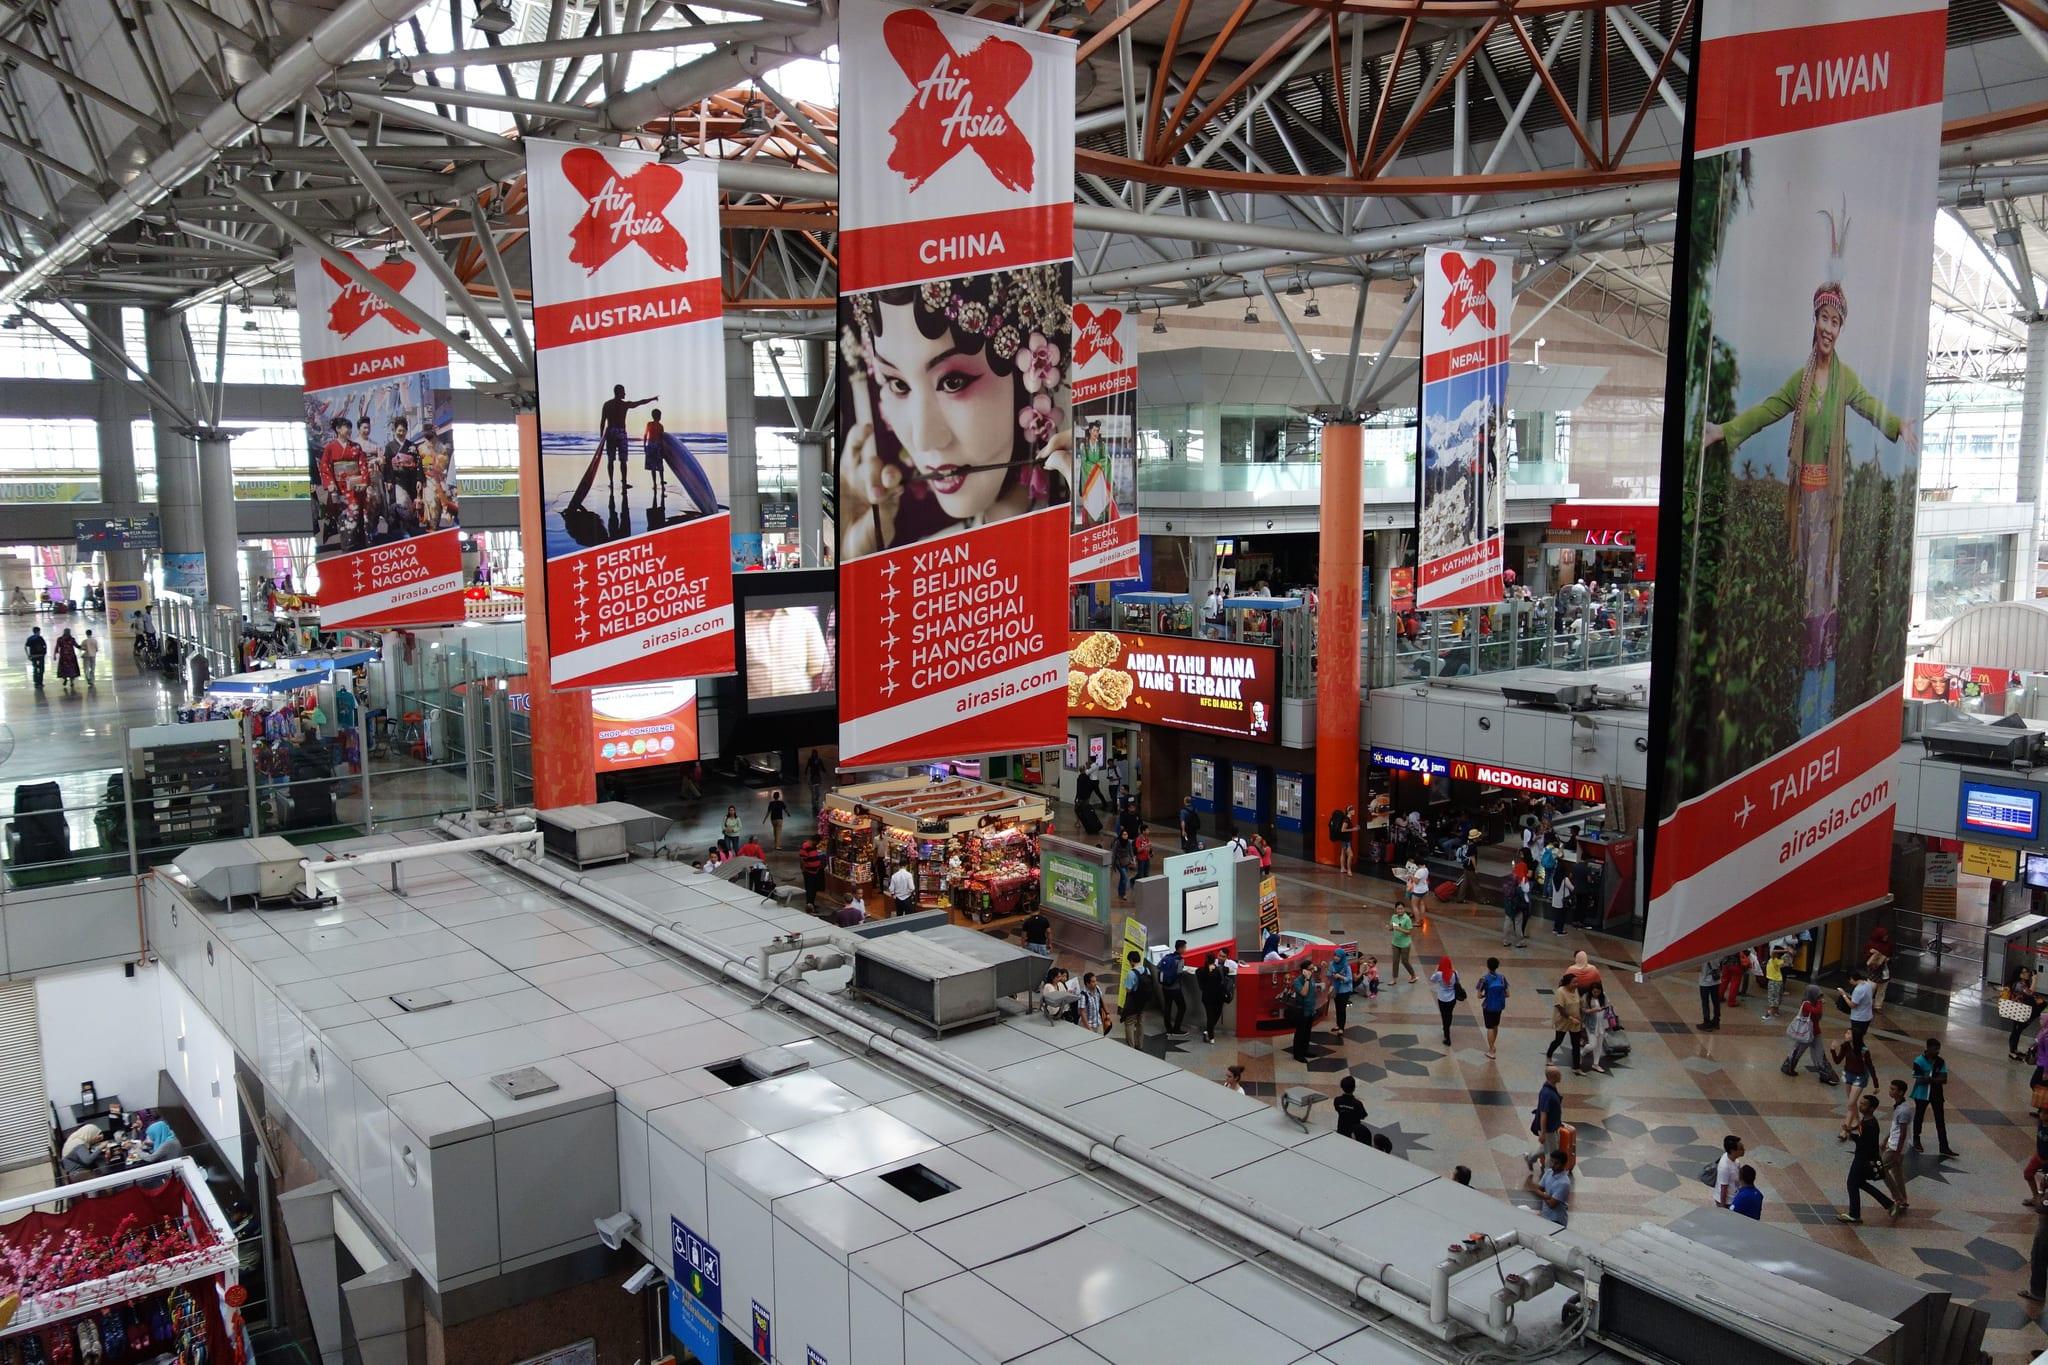 吉隆坡的重要交通樞紐,各種路線的交會點。來源: http://bit.ly/2KOX3Tp 。